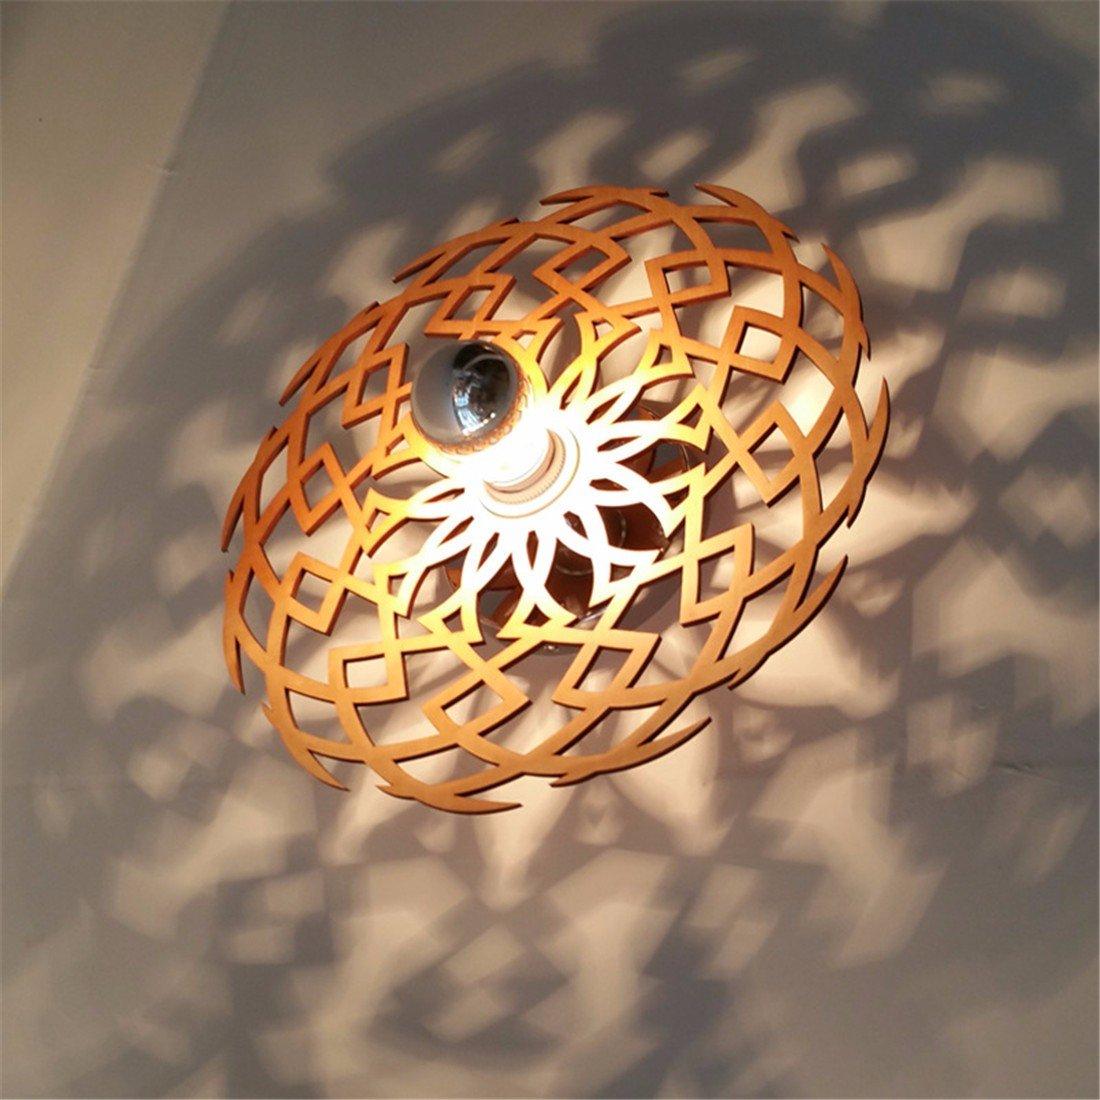 T-ZBDZ Wandlampe des modernen Wohnzimmers hölzerne Wandlampe, hölzerne Wandlampe, C-Abschnitt